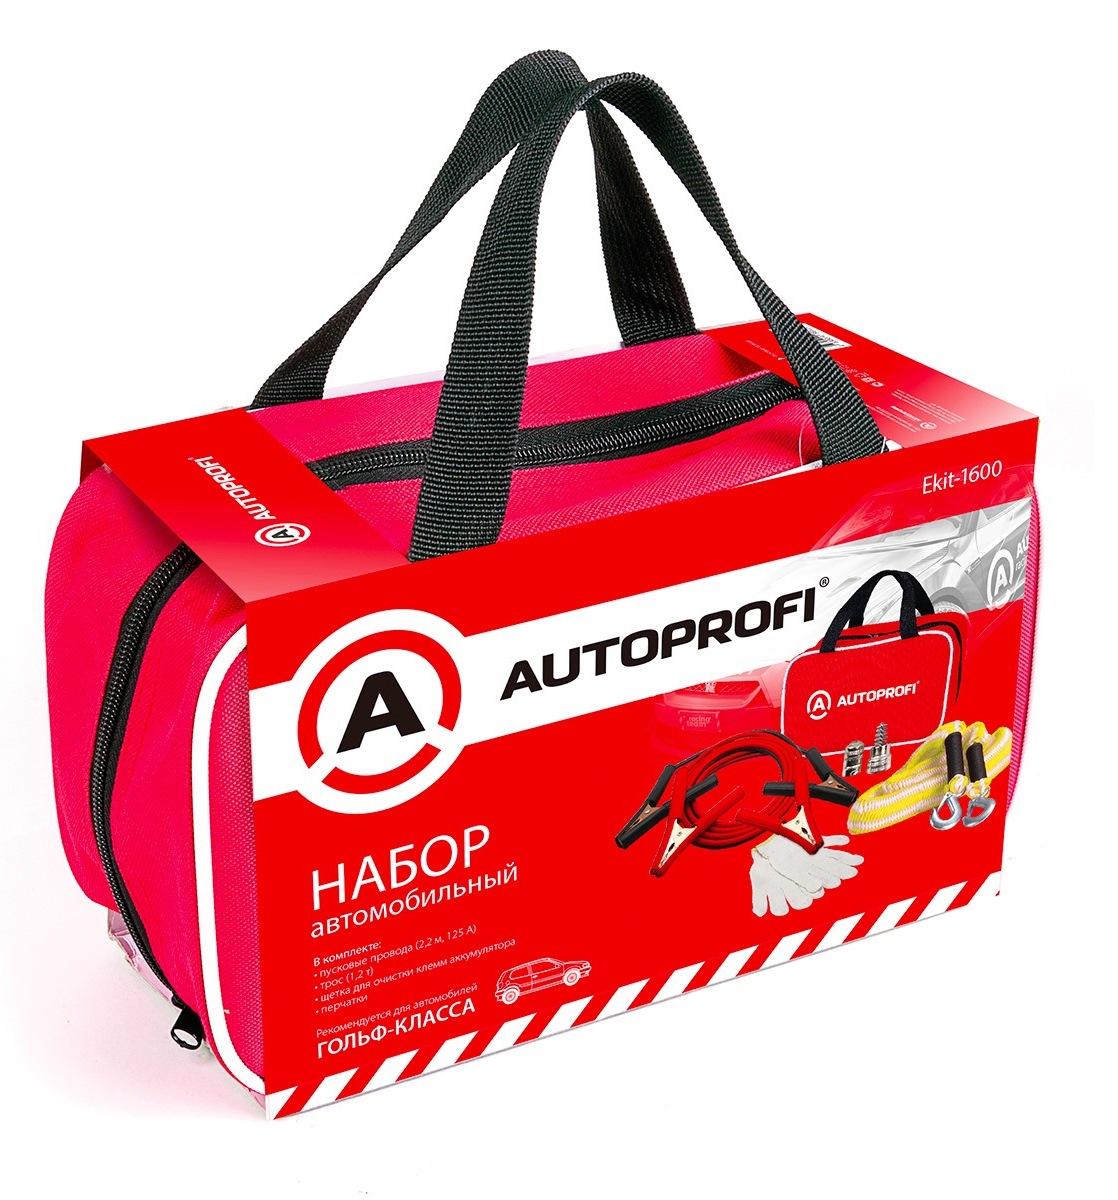 Набор Autoprofi Ekit-1600 автомобильный набор